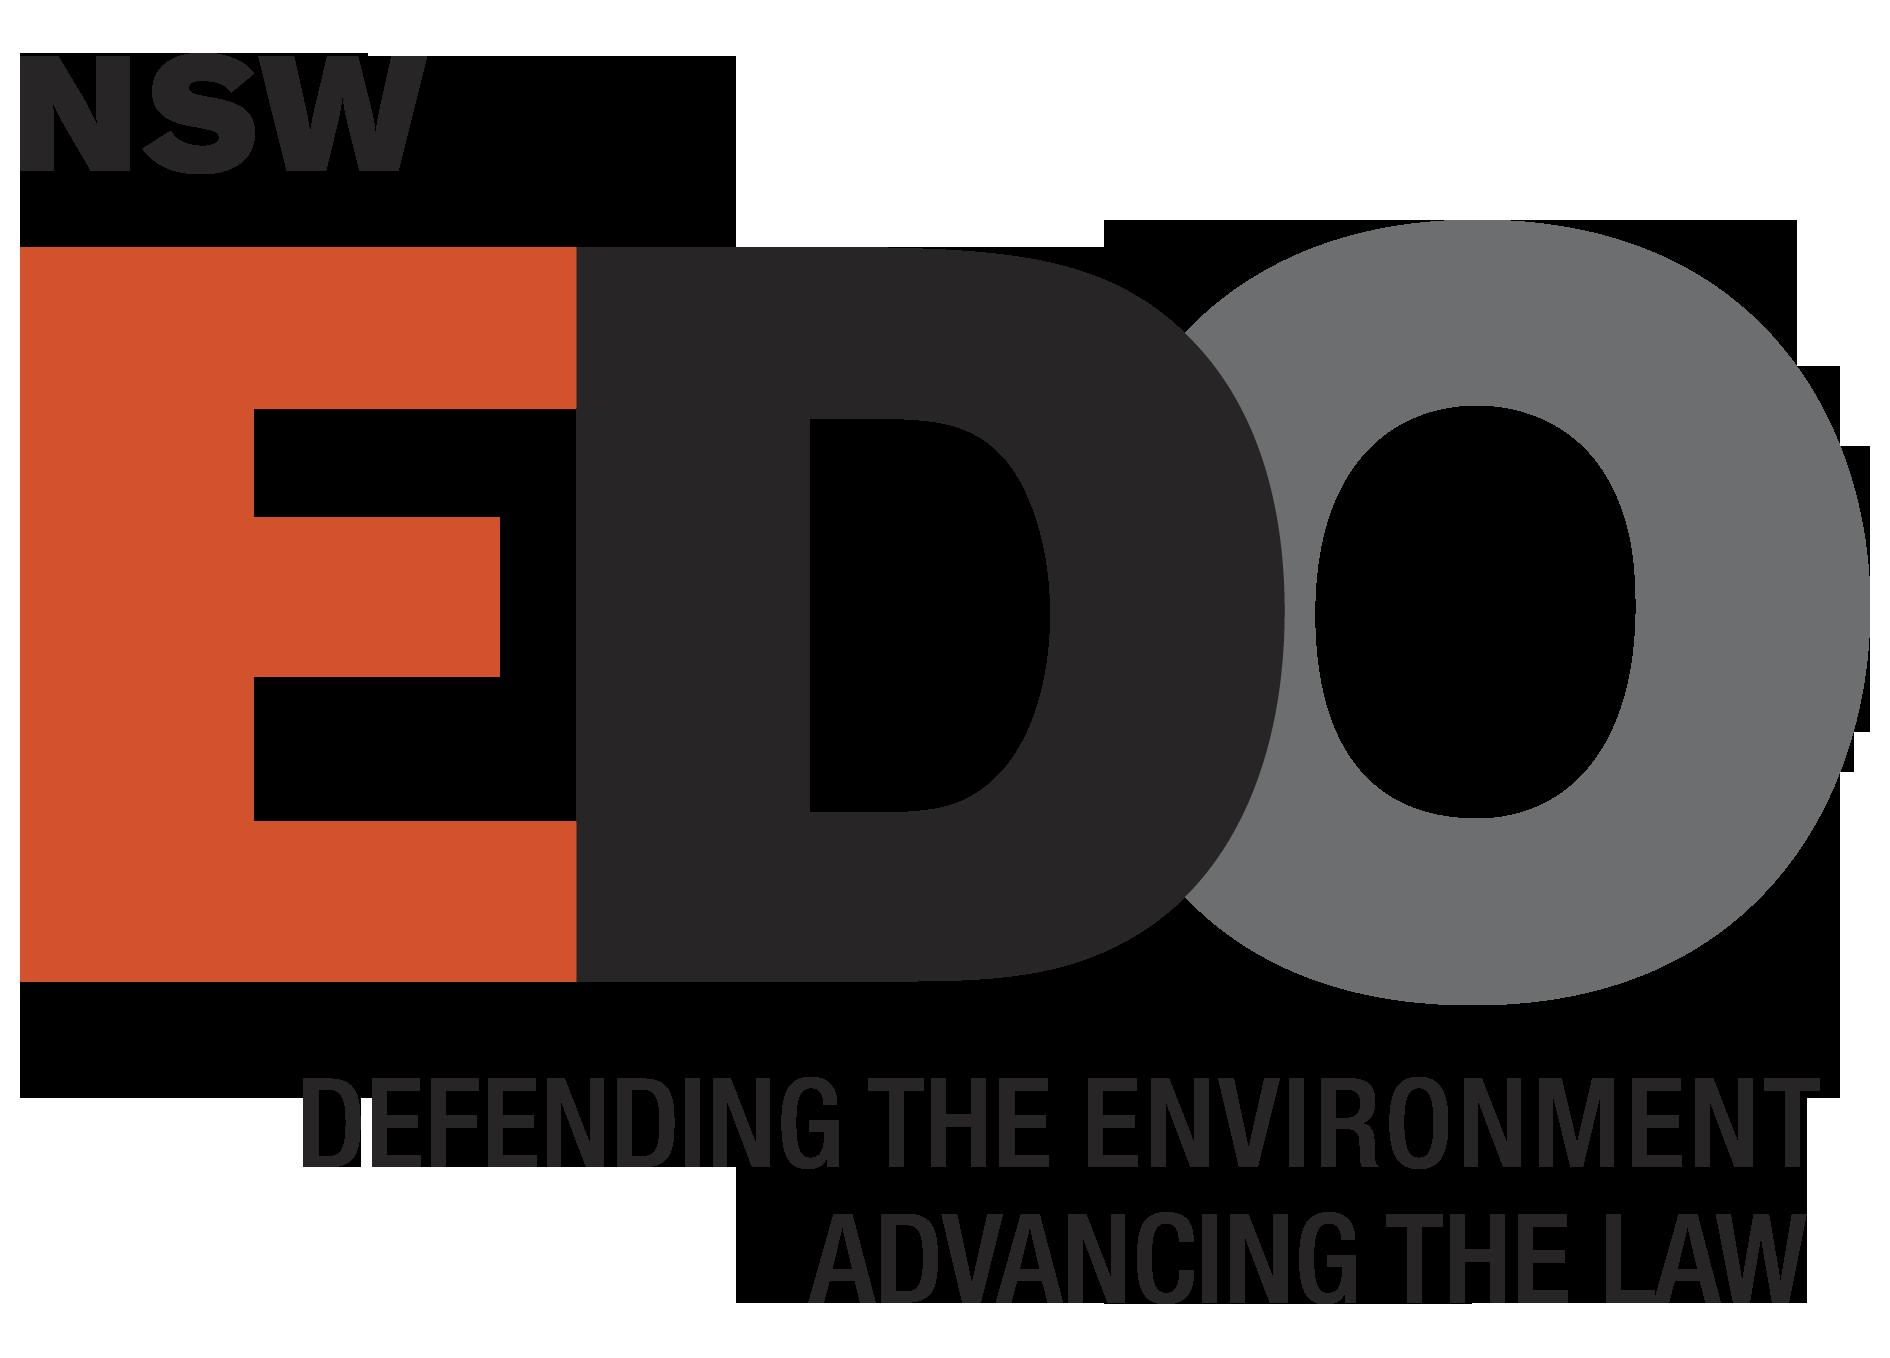 EDO_NSW_logo.jpg